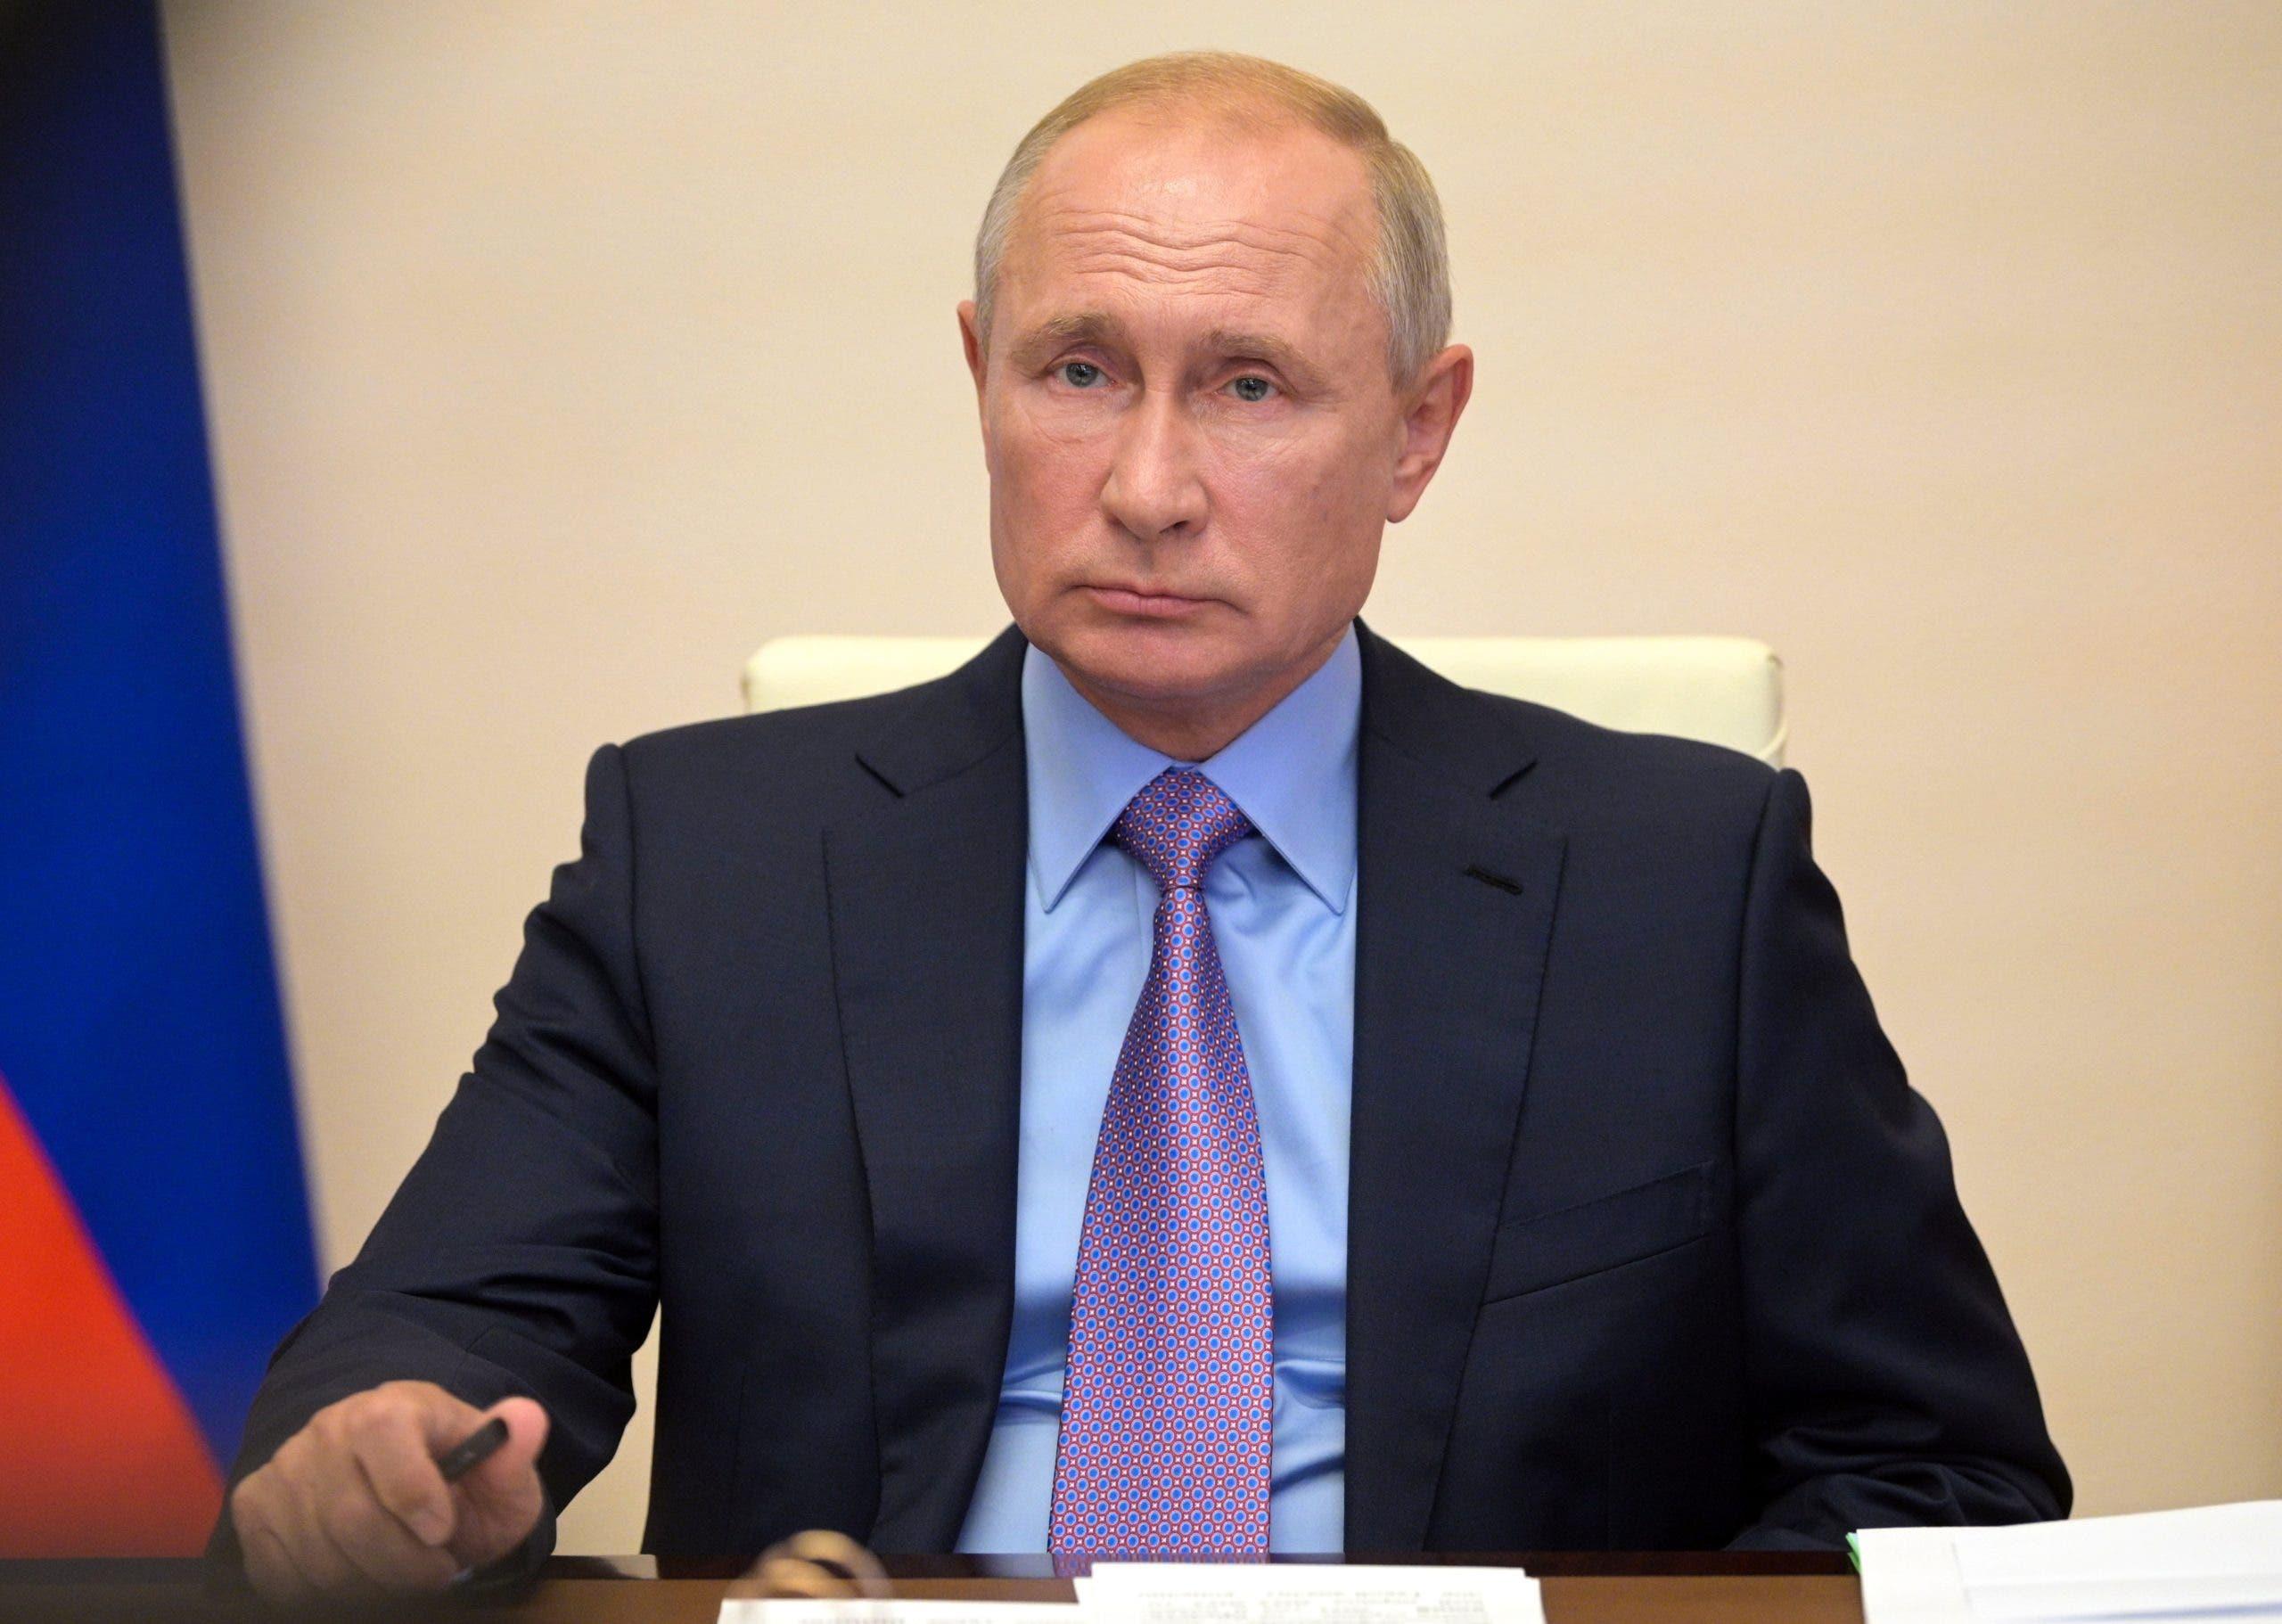 Acusan a Rusia de robar datos sobre vacuna para COVID-19